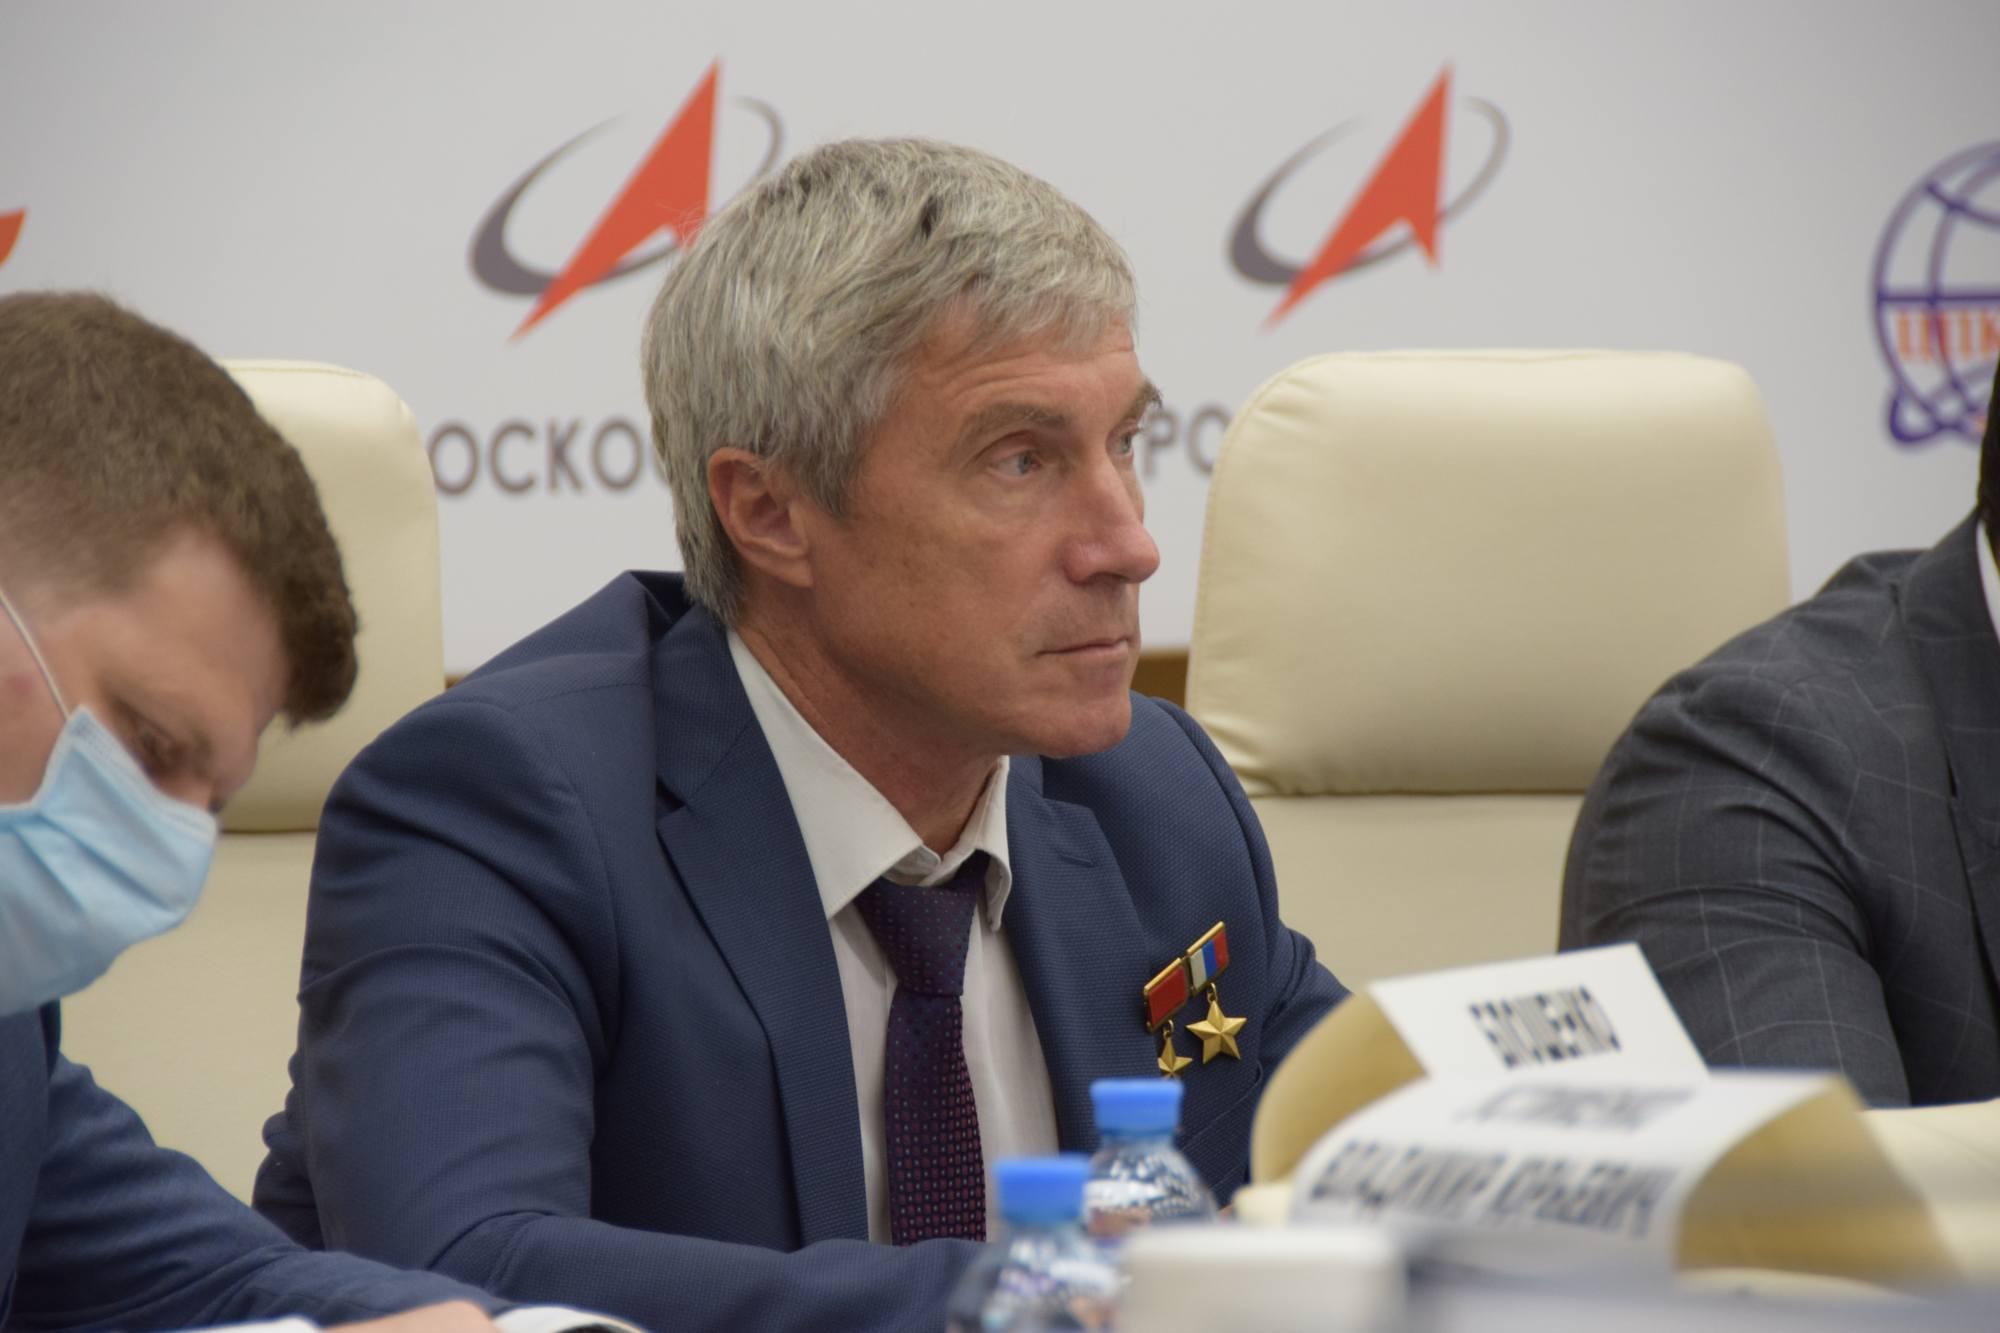 Sergueï Krikalyov, ancien cosmonaute soviétique puis russe, et directeur exécutif des programmes spatiaux habités de la société d'État Roscosmos.